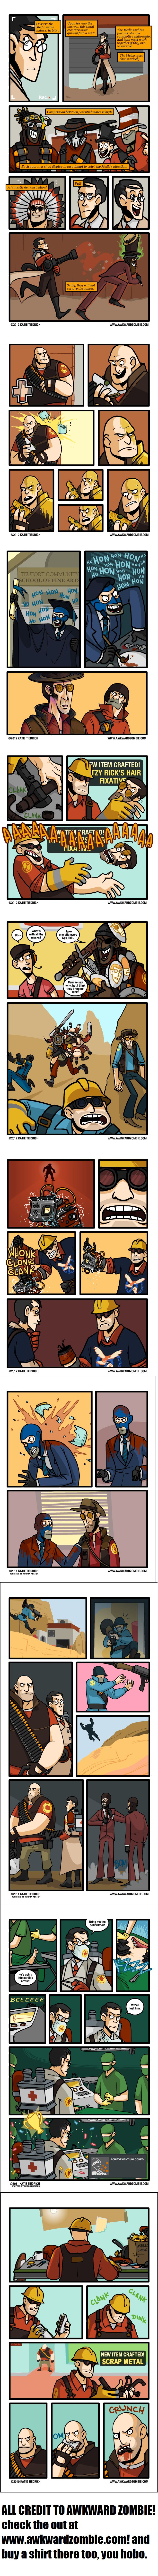 awkward zombie stuffs  much hilariousness very tf2